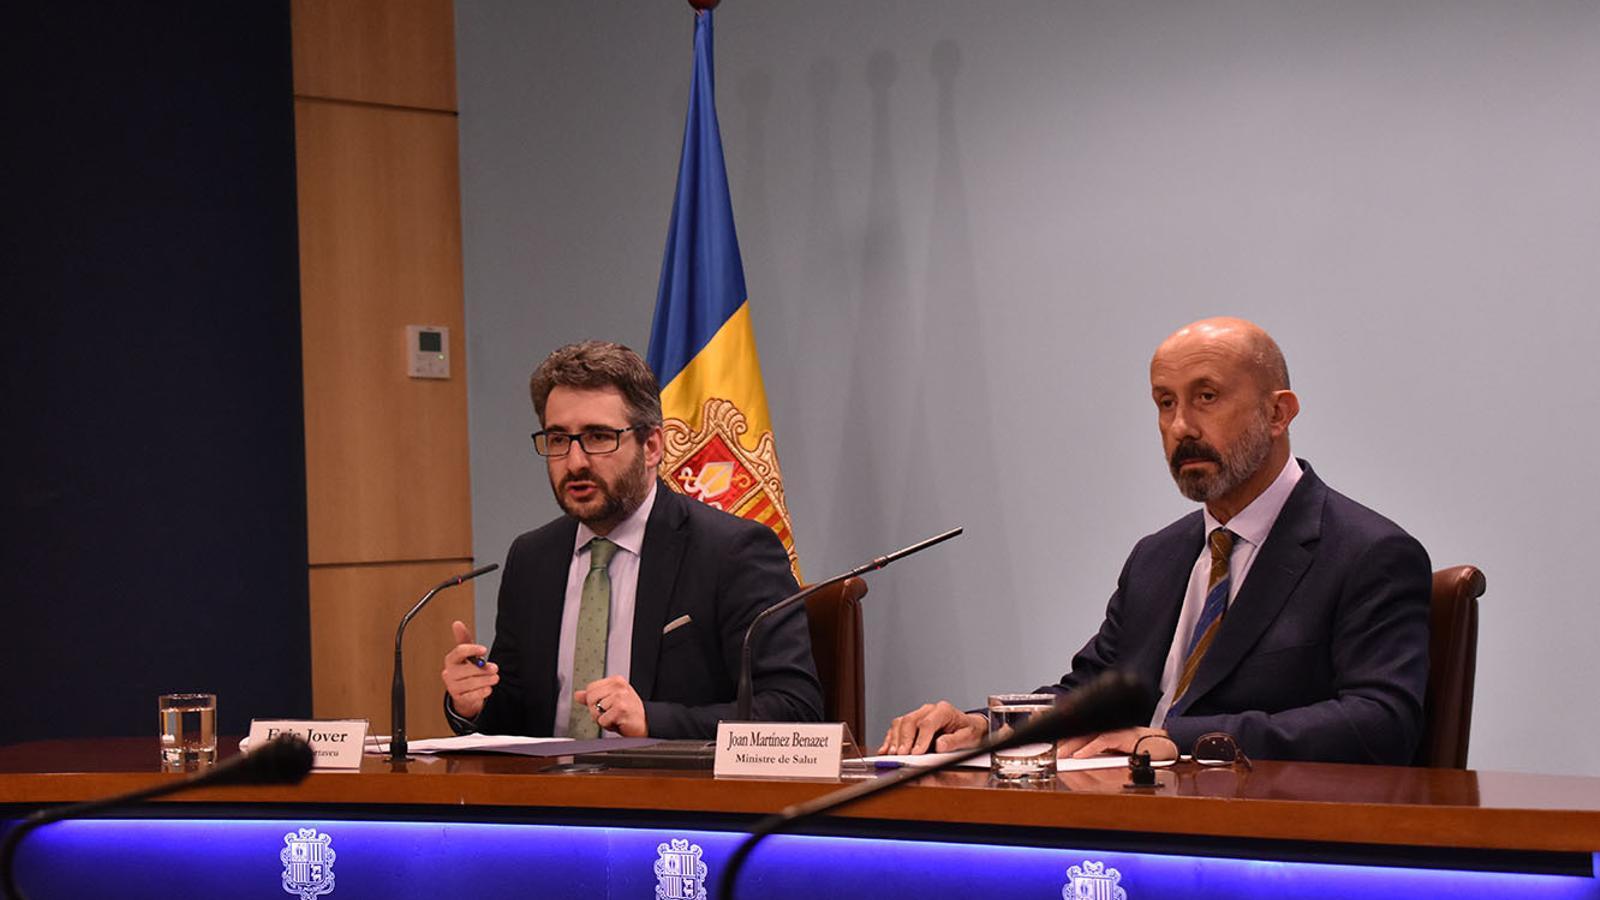 El ministre portaveu, Eric Jover, i el de Salut, Joan Martínez Benazet durant la compareixença d'aquest divendres al vespre. / M. F. (ANA)